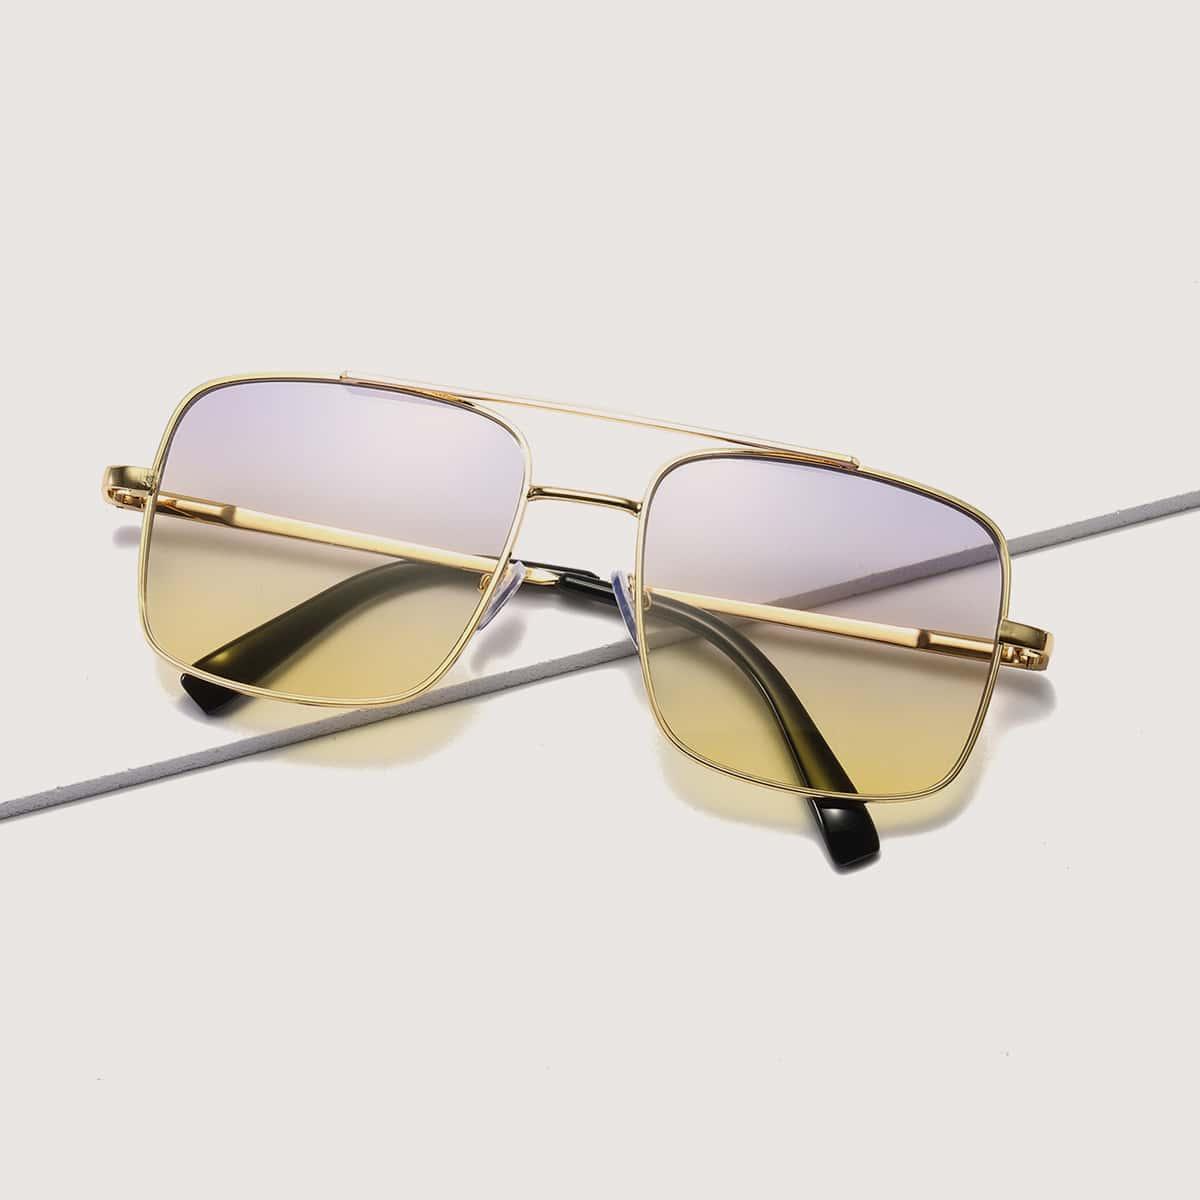 Градиентные солнечные очки с металлической рамкой фото